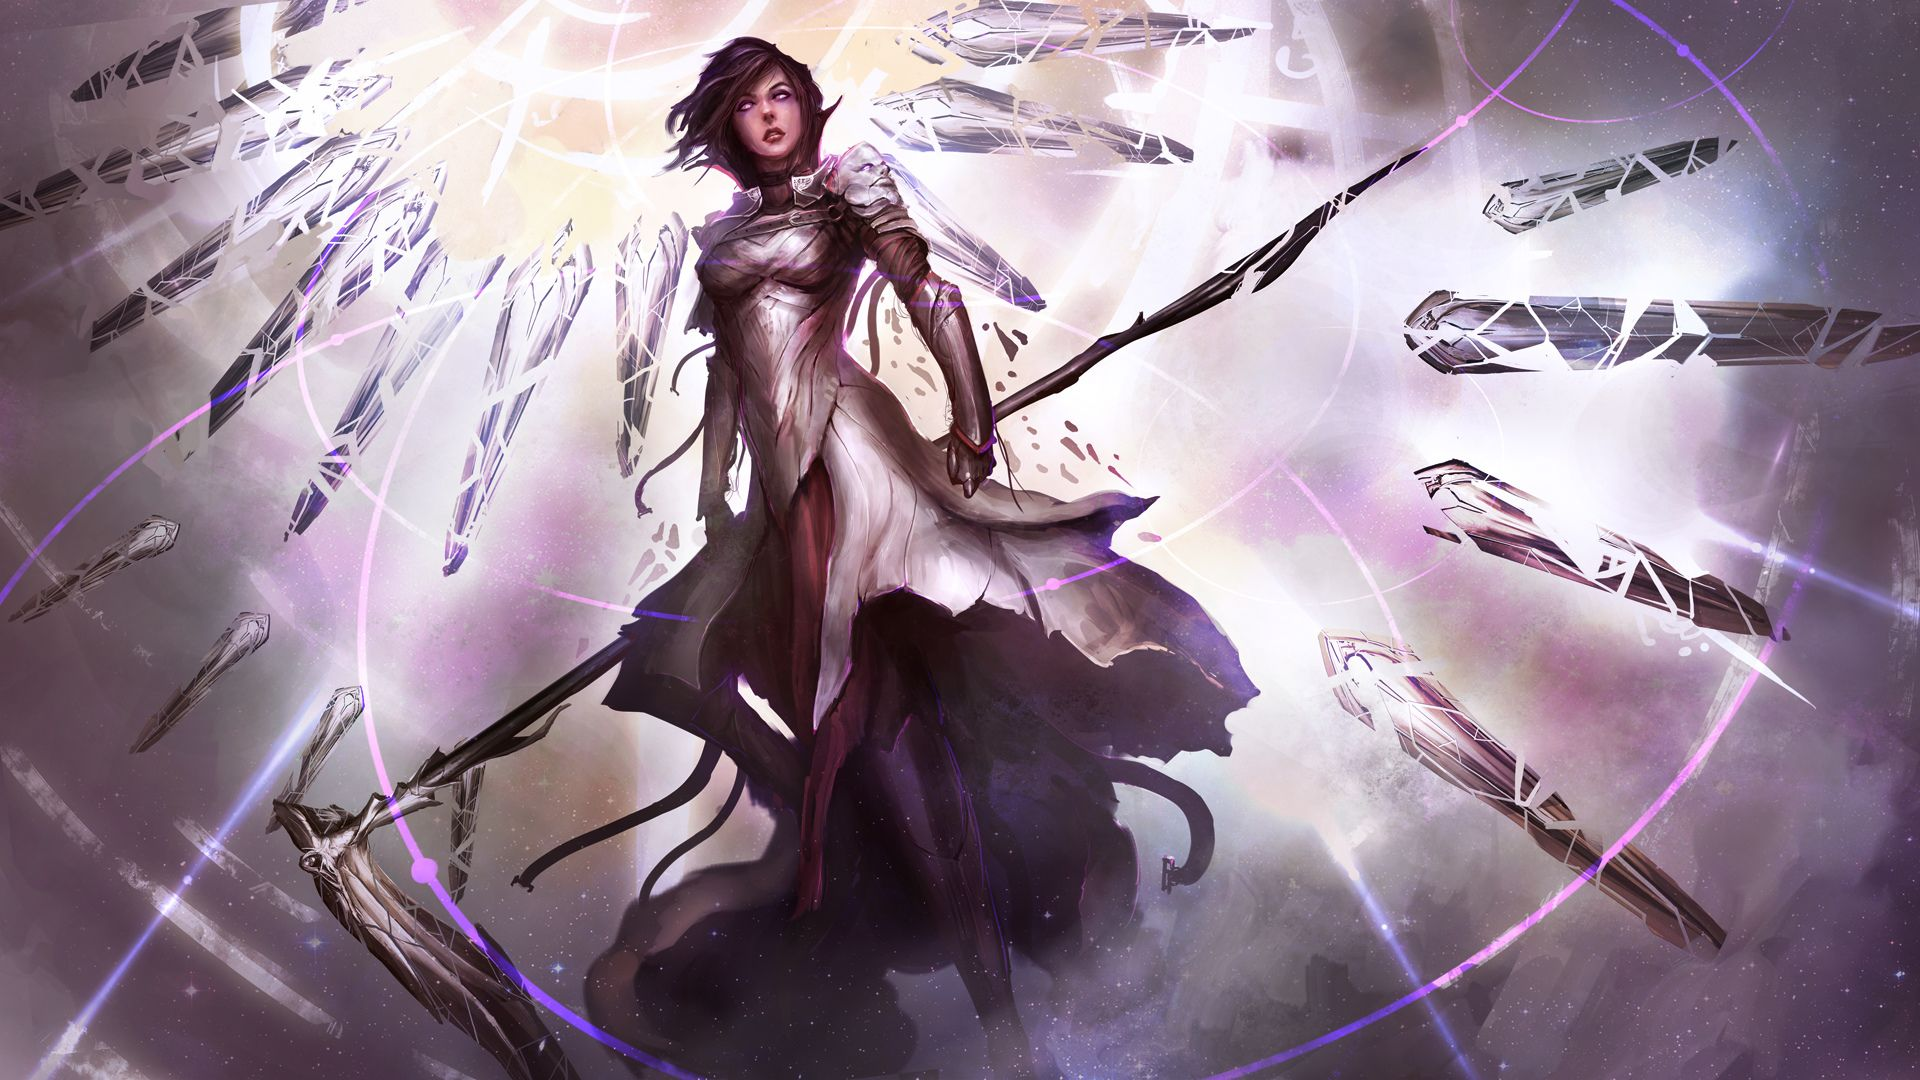 Fantasy Angel Warrior Angel Scythe Light Coat Woman Wallpaper Angel Warrior Art Anime Angel Girl